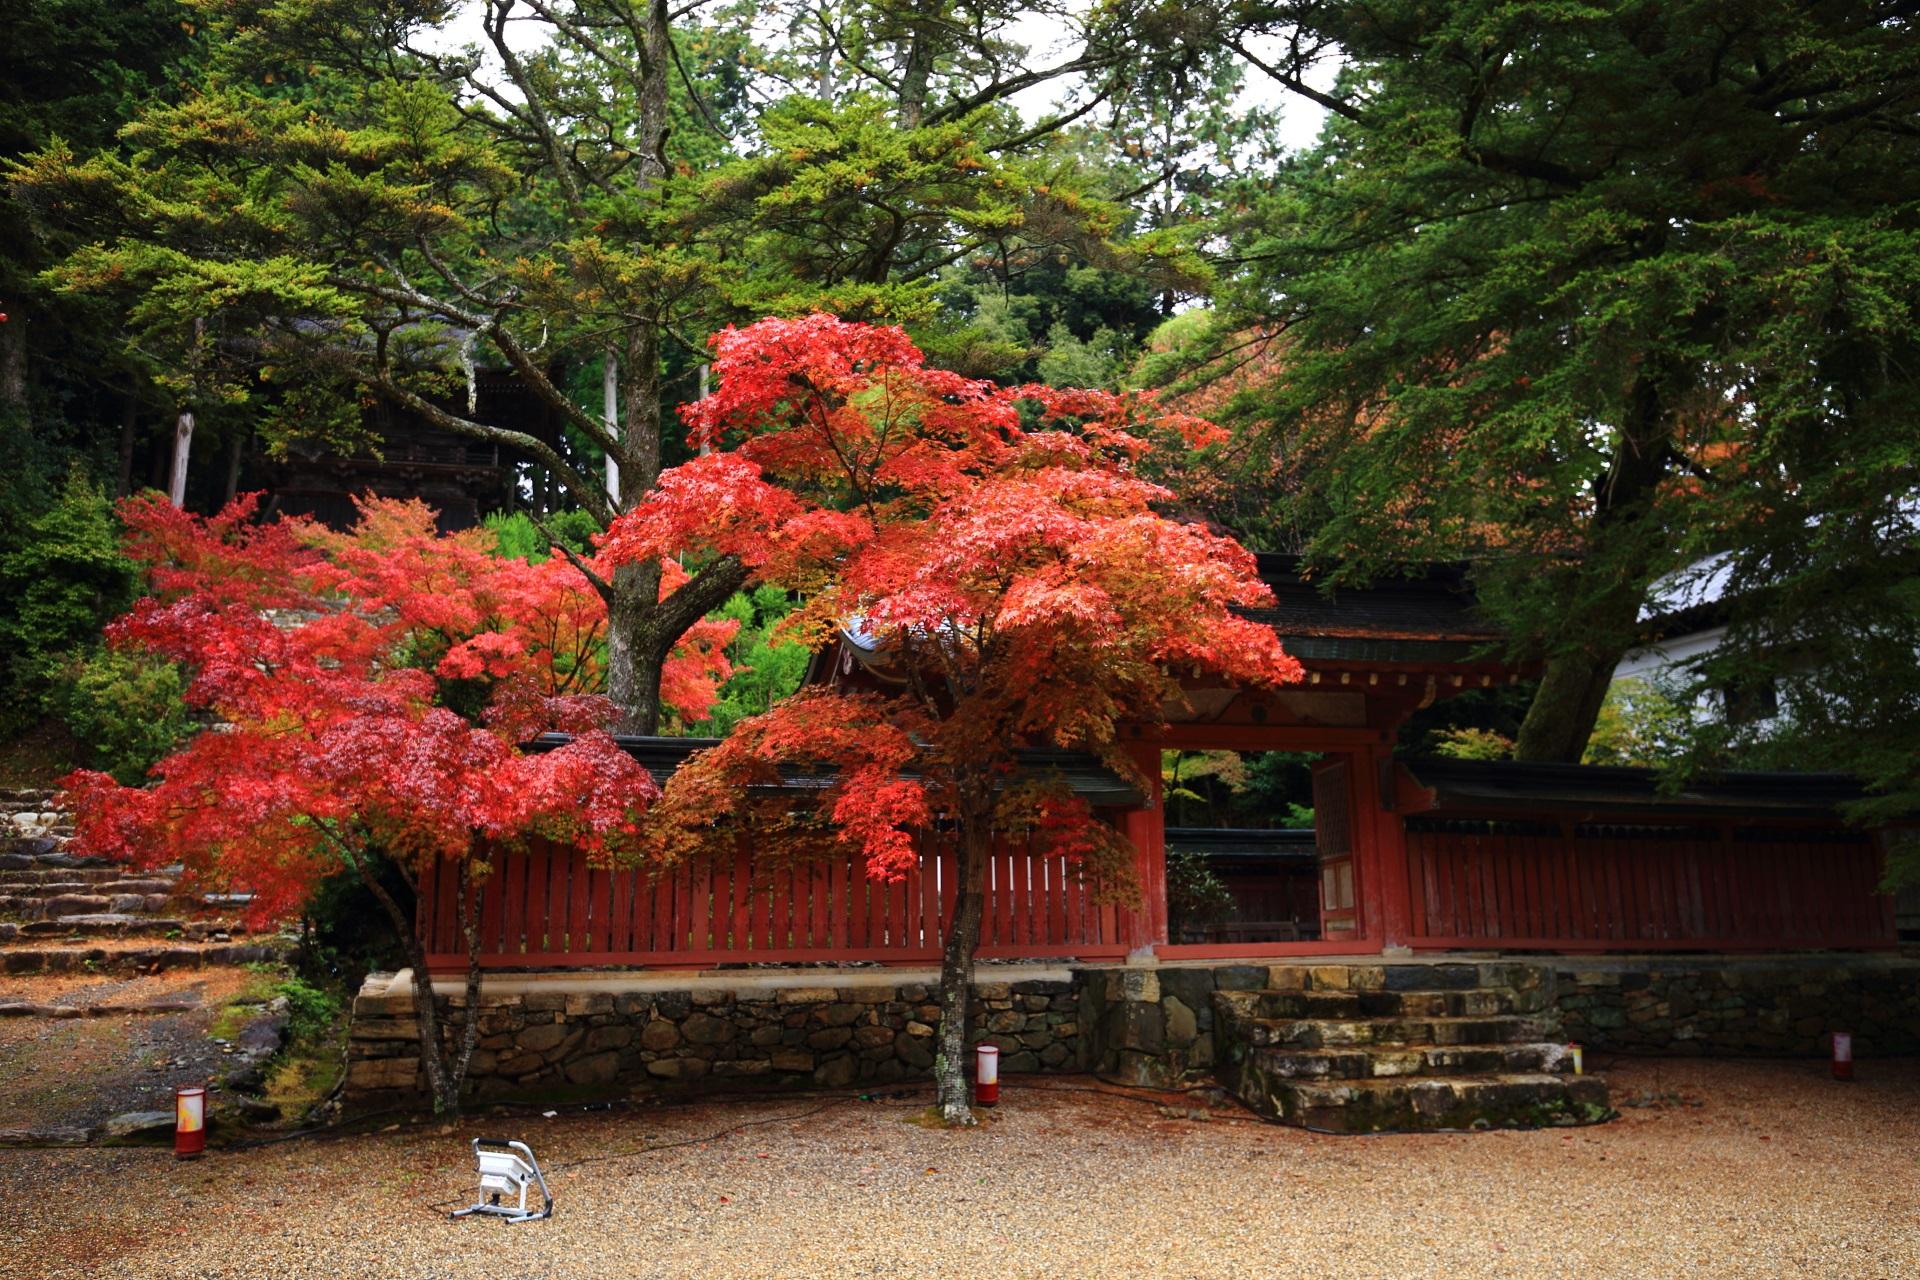 神護寺の和気清麻呂公霊廟と鮮やかな色合いの紅葉